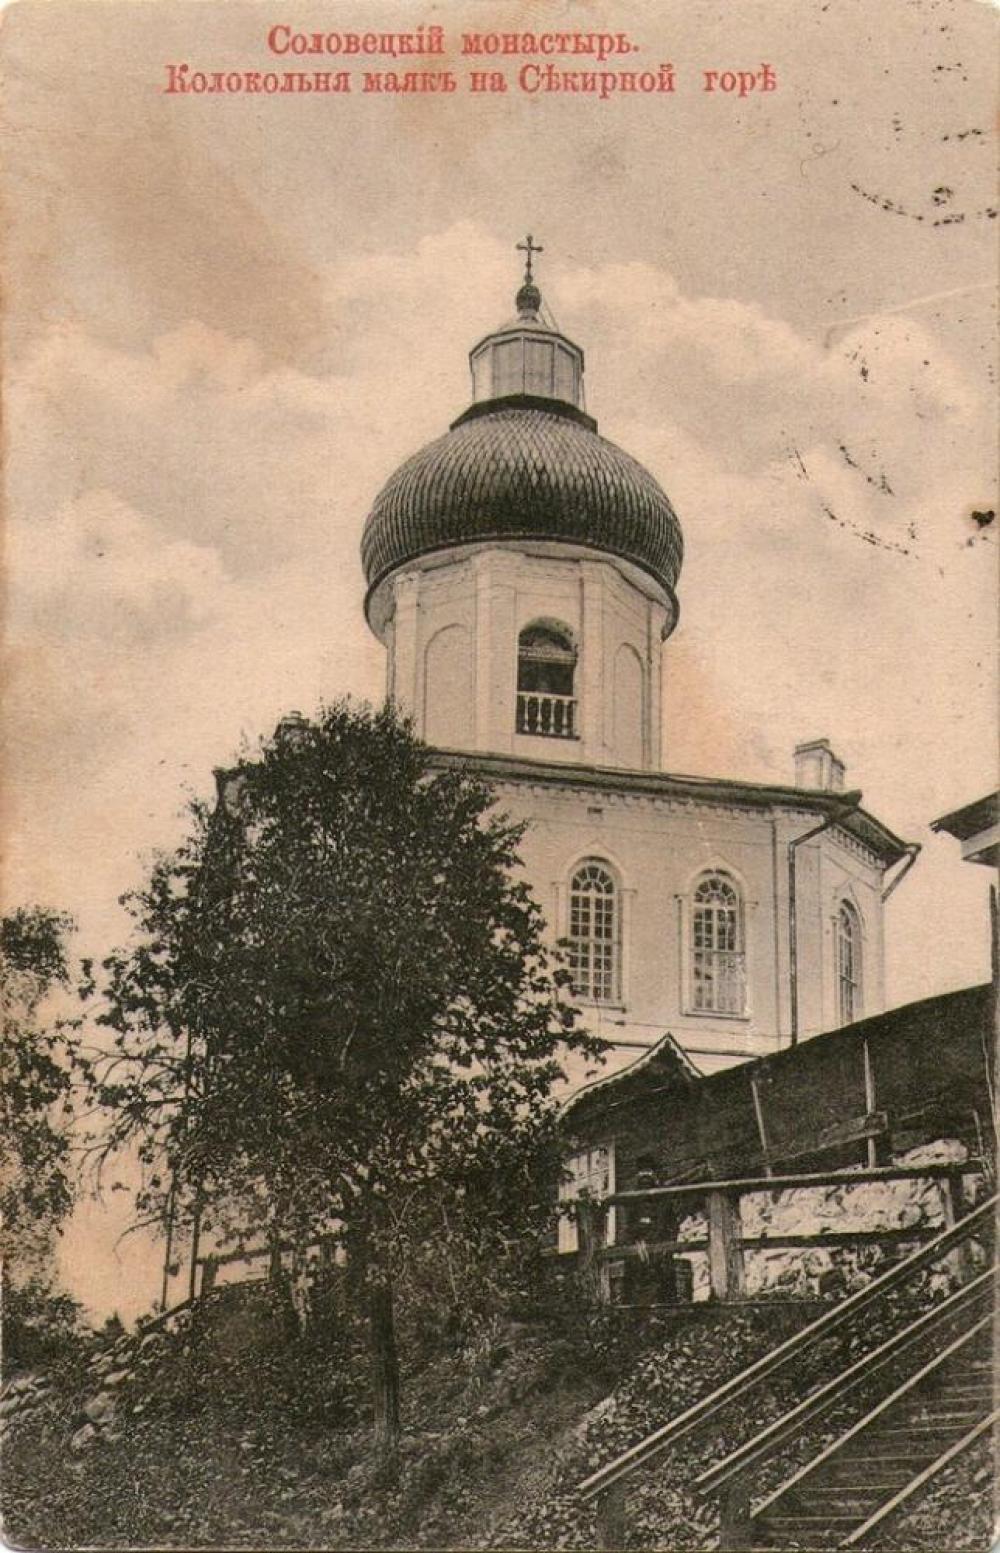 Открытка к. XIX - н. ХХ в. с изображением колокольни-маяка на Секирной горе. Источник фото: https://img-fotki.yandex.ru/get/9831/13428093.8/0_b9720_e8b42d9f_orig.jpg.